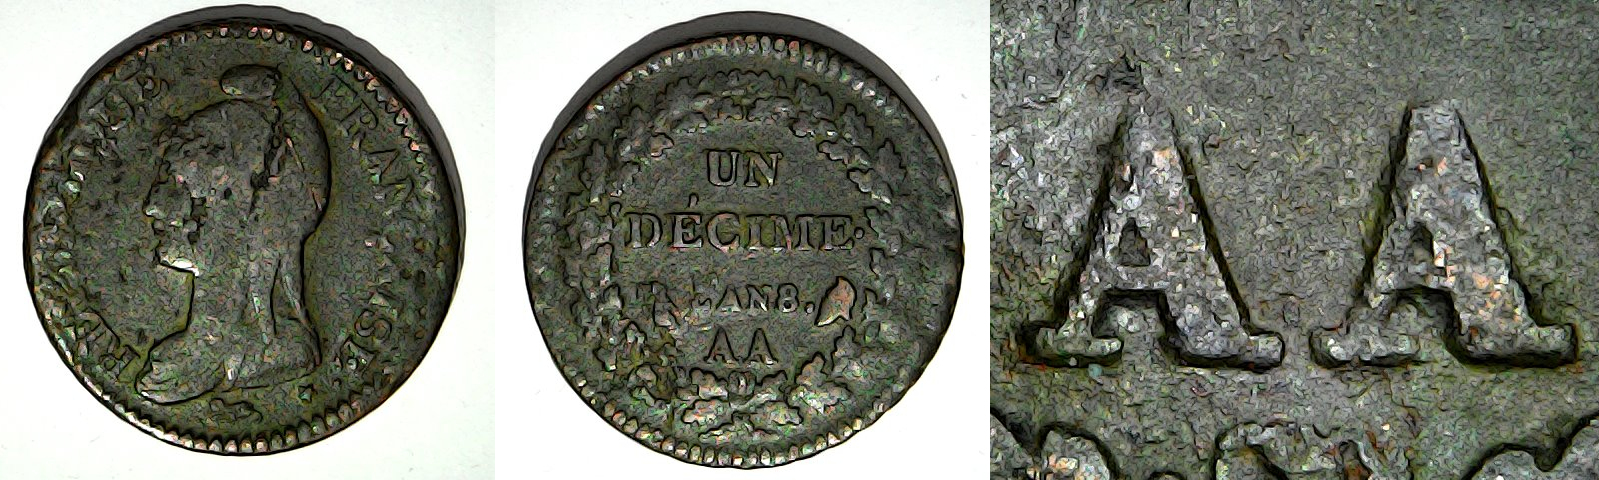 1 décime An 8 AA France